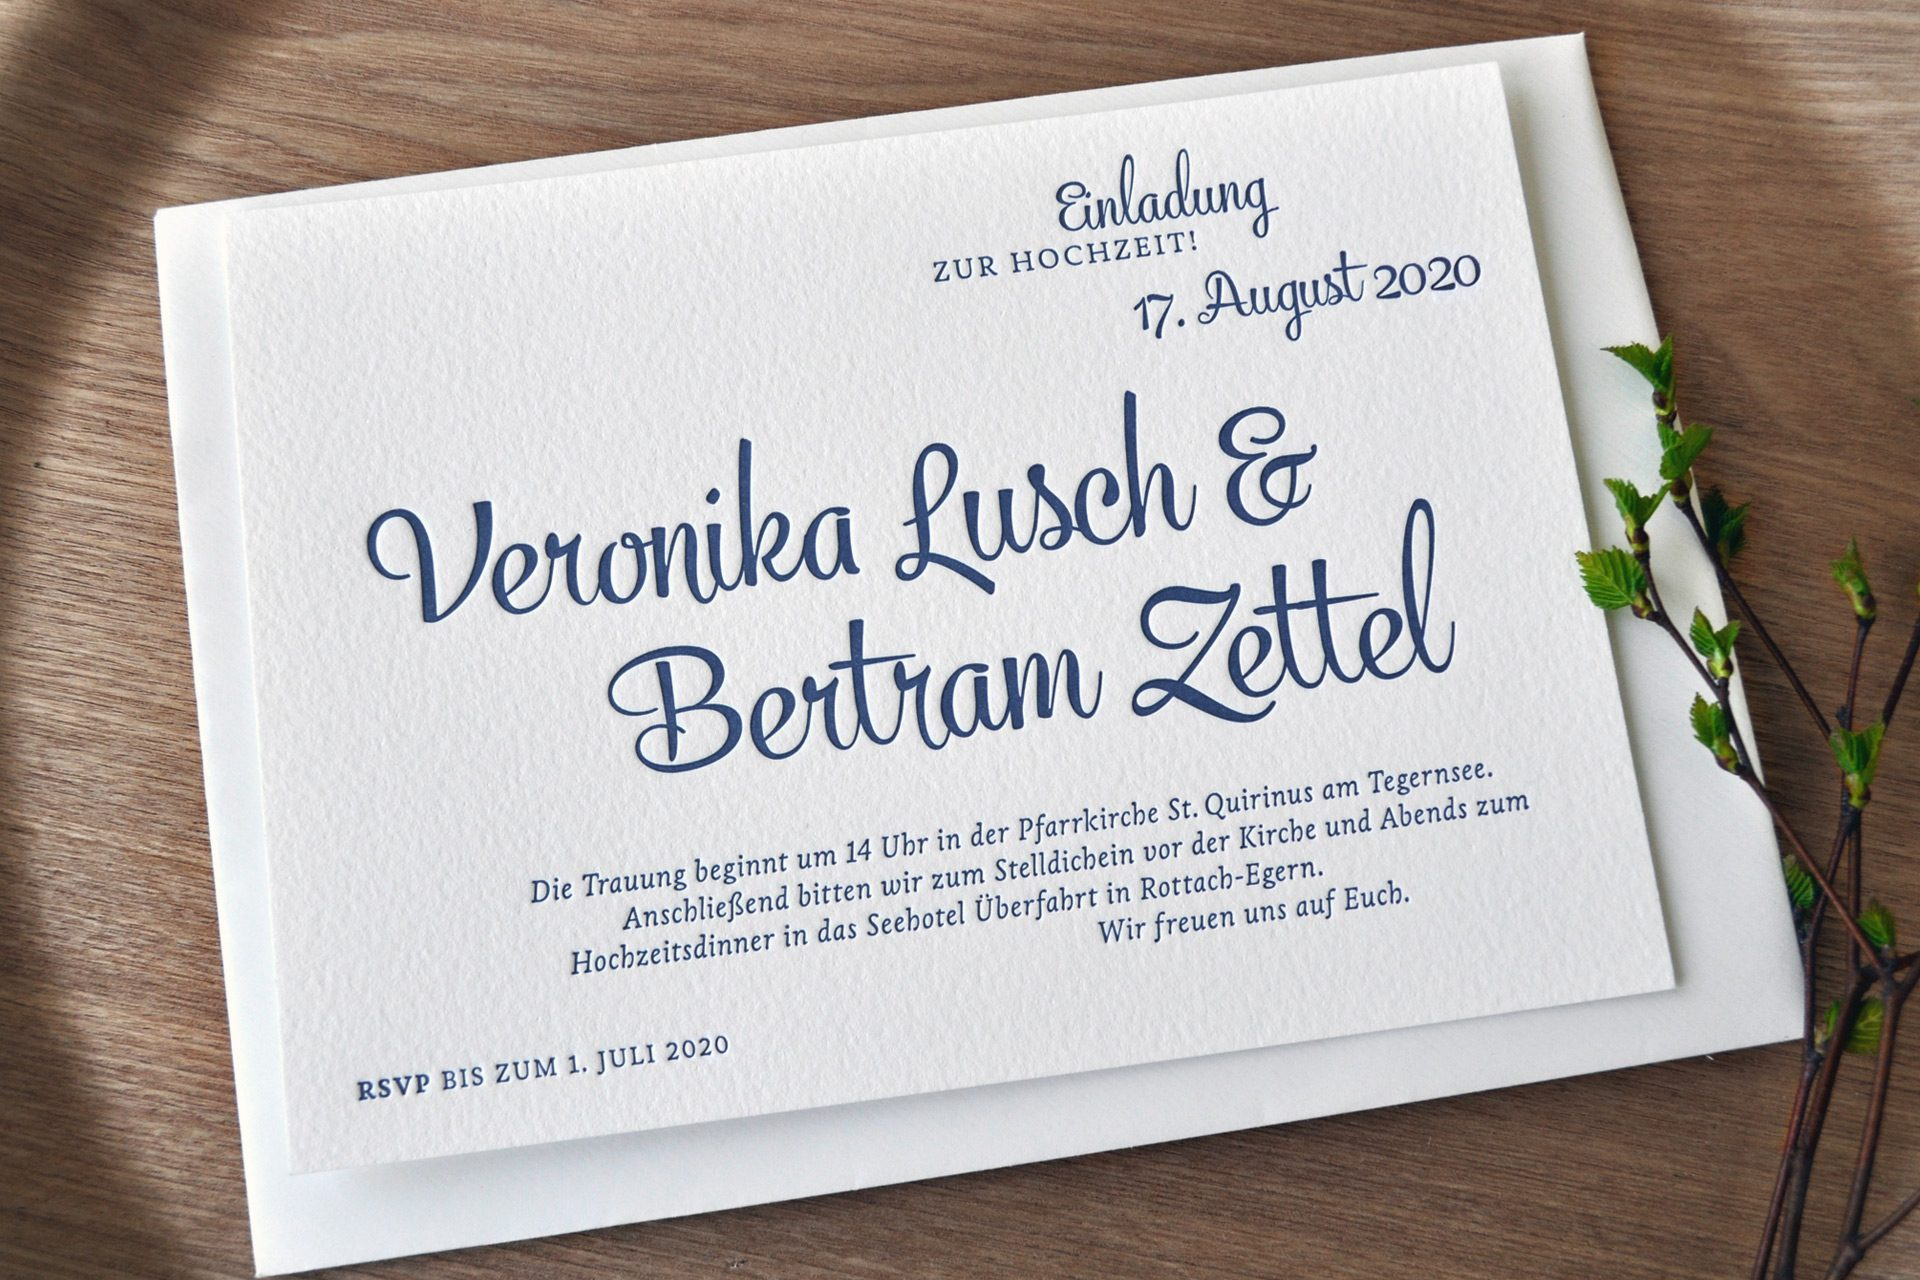 Einladung zur Hochzeit im Design Rochelle elegant in Mitternachtsblau und fühlbar gedruckt im Letterpress.